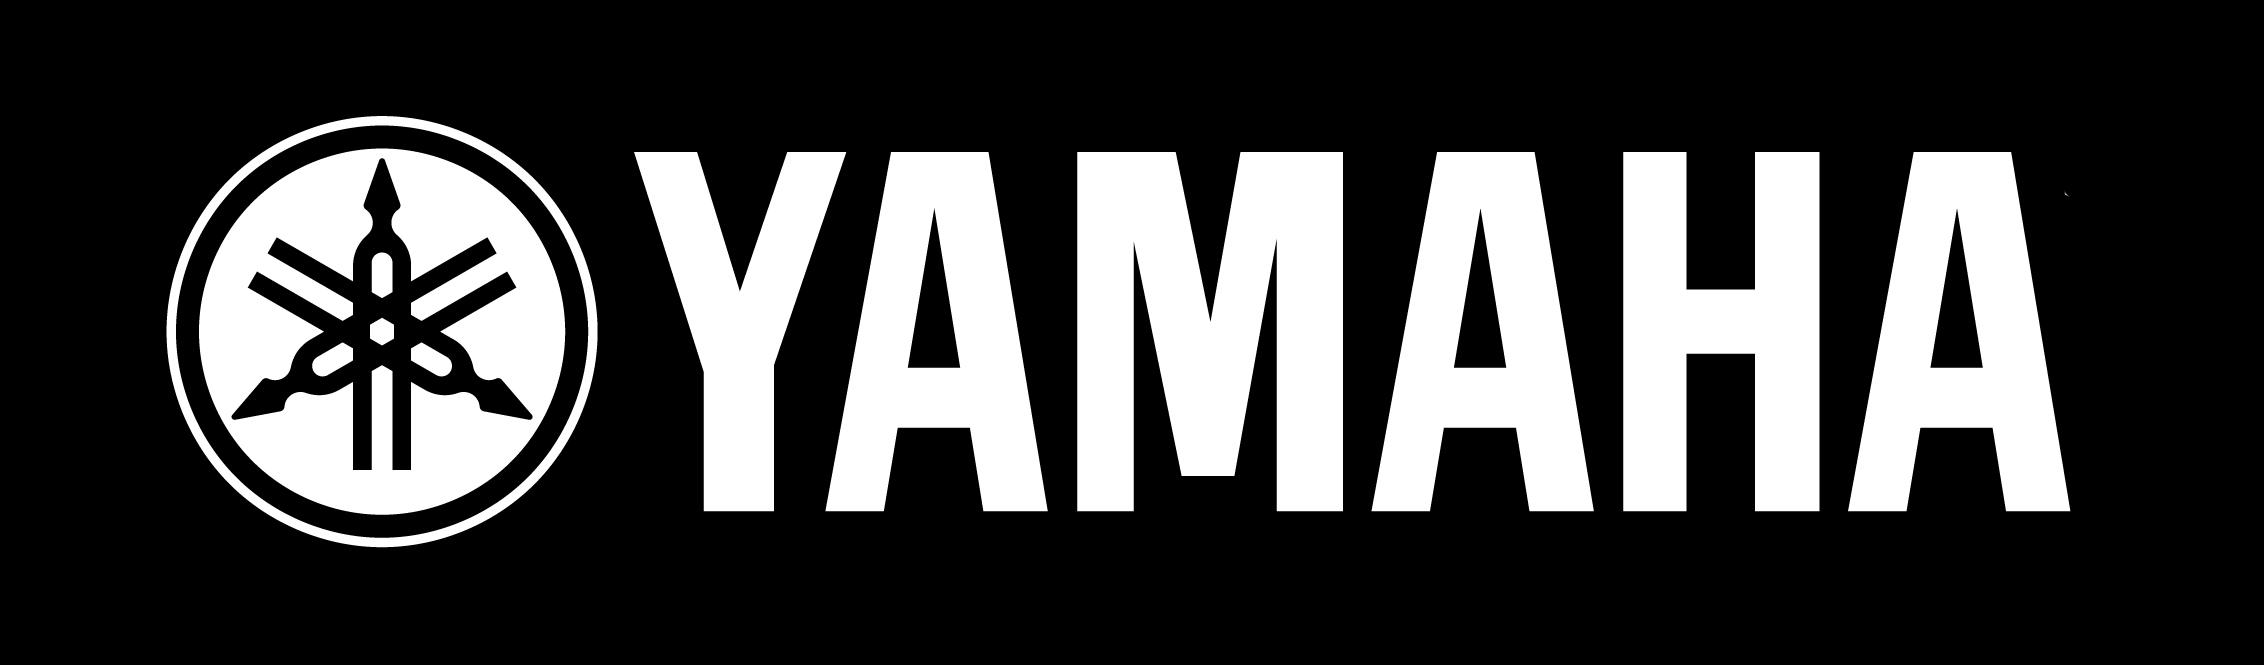 1yamaha